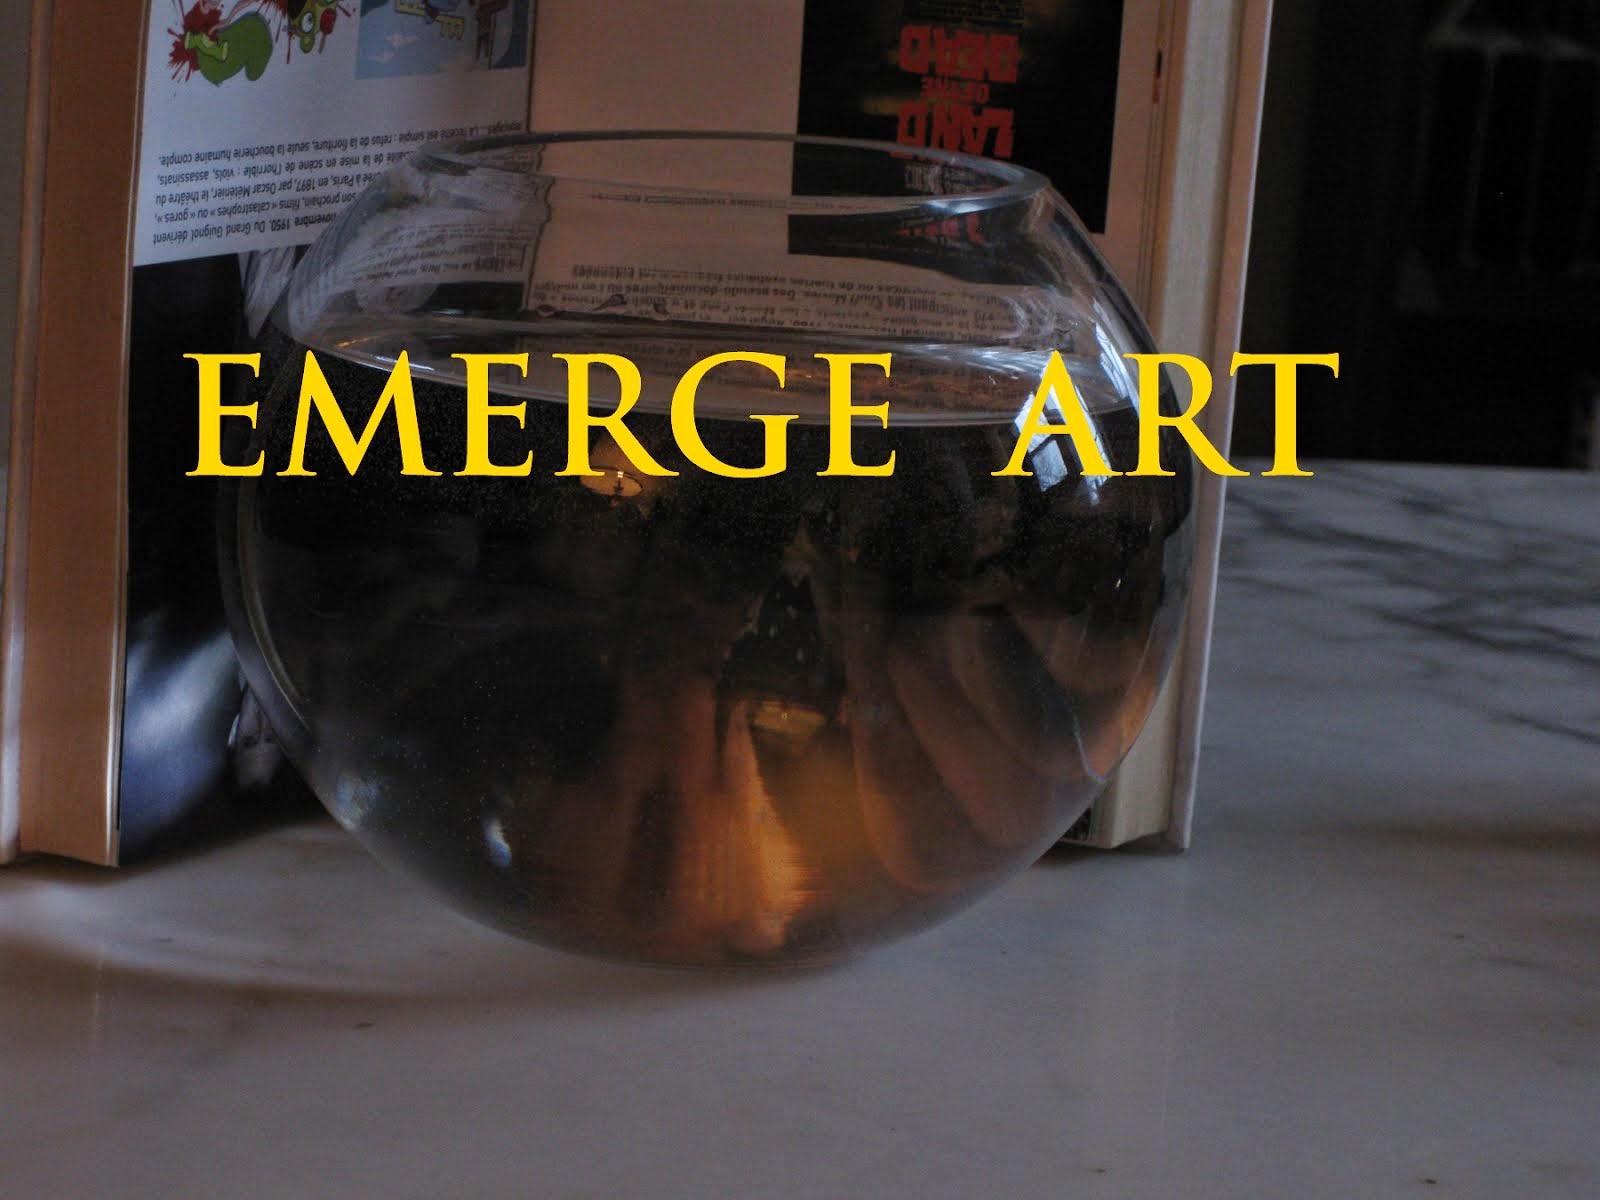 EMERGE ART avec le livre «Extrême: Esthétiques de la limite dépassée» de Paul Ardenne / Flammarion